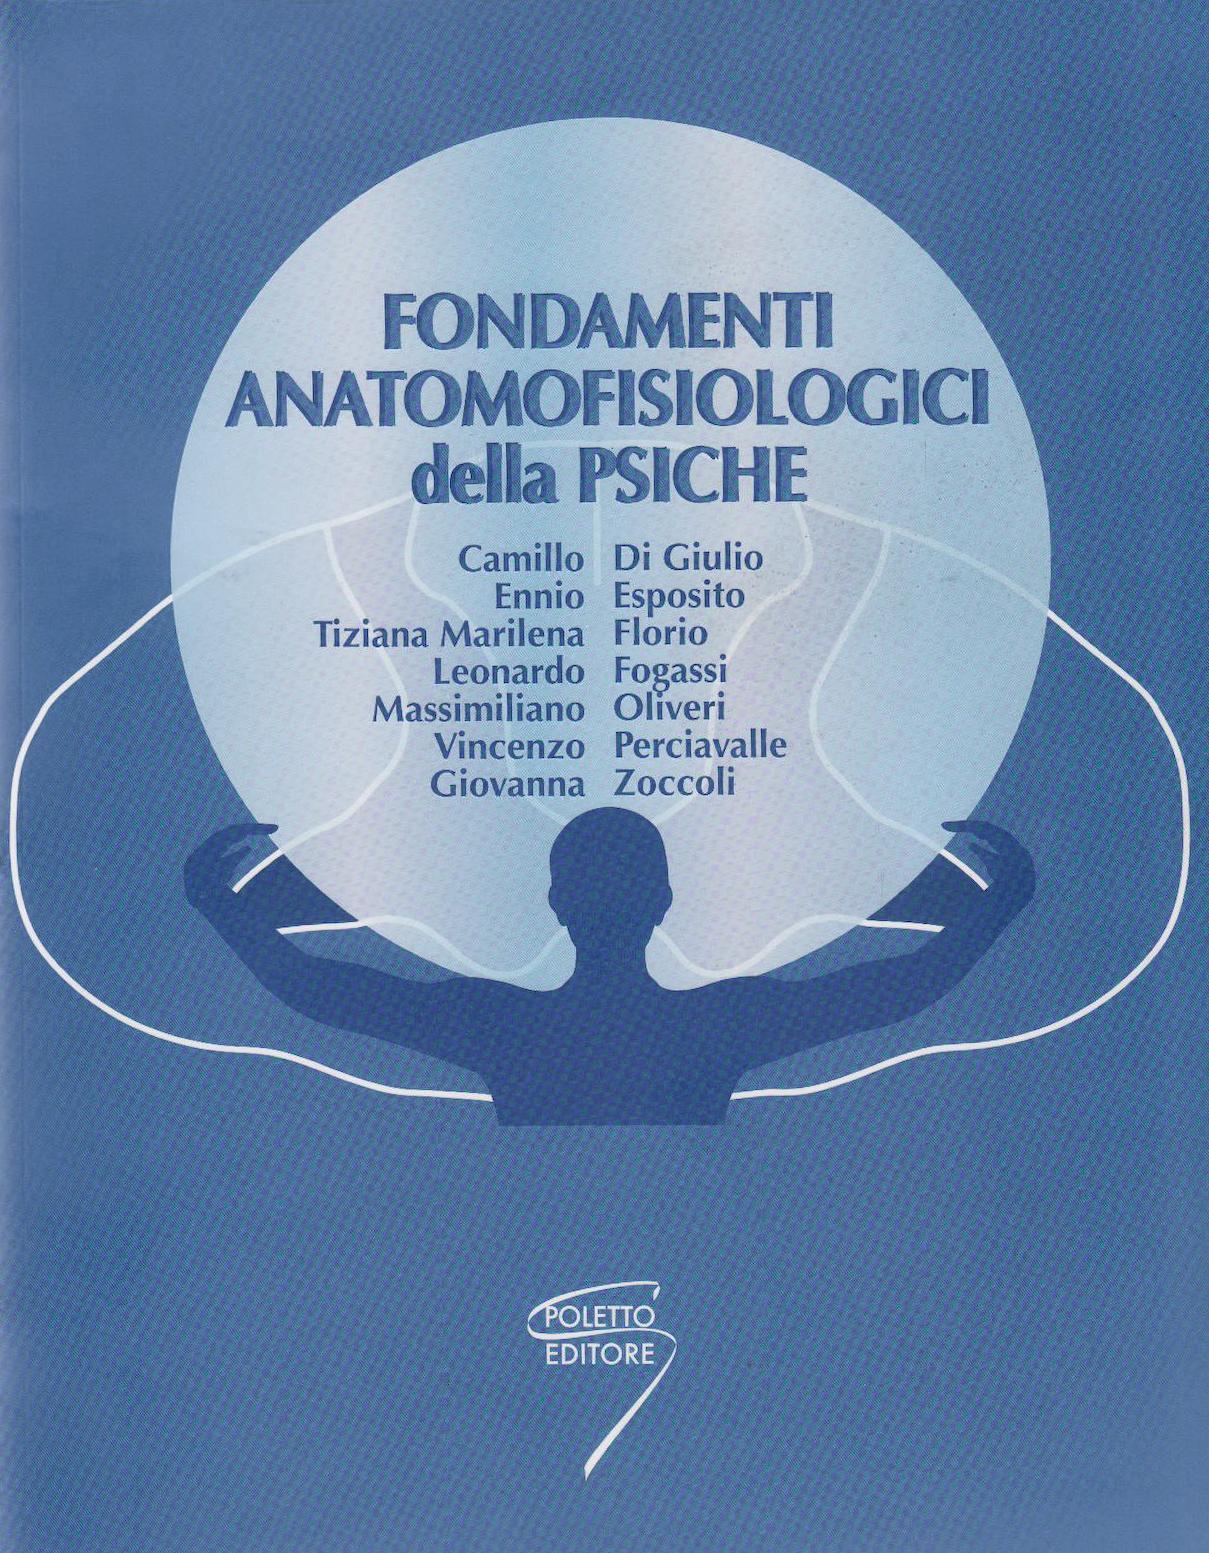 Fondamenti anatomofisiologici della psiche